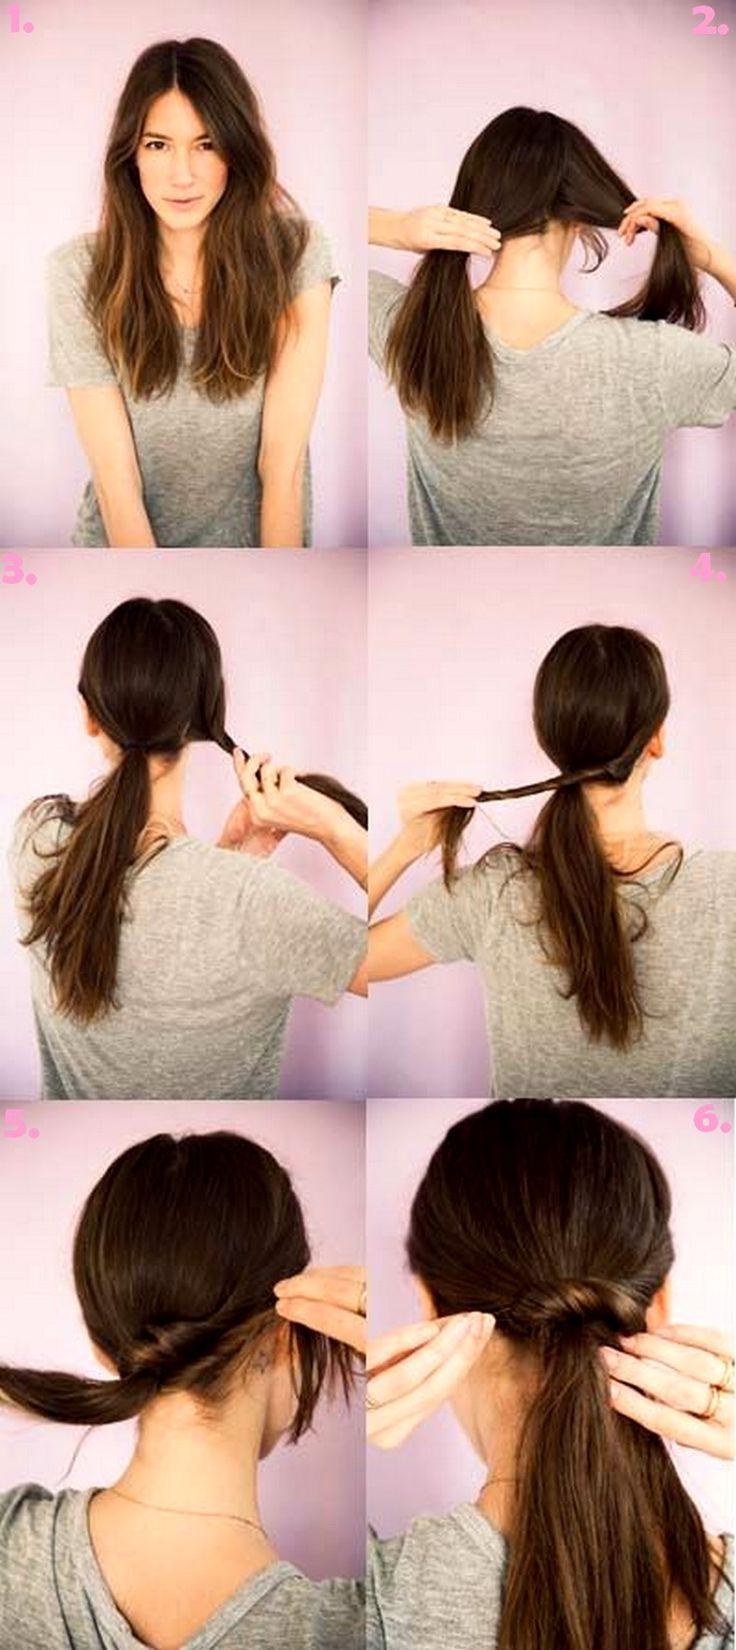 cool 50 Идей, как сделать красивый хвост на длинные волосы — Новые идеи привычной прически (фото) Читай больше http://avrorra.com/kak-sdelat-krasivyj-xvost-na-dlinnye-volosy-foto/